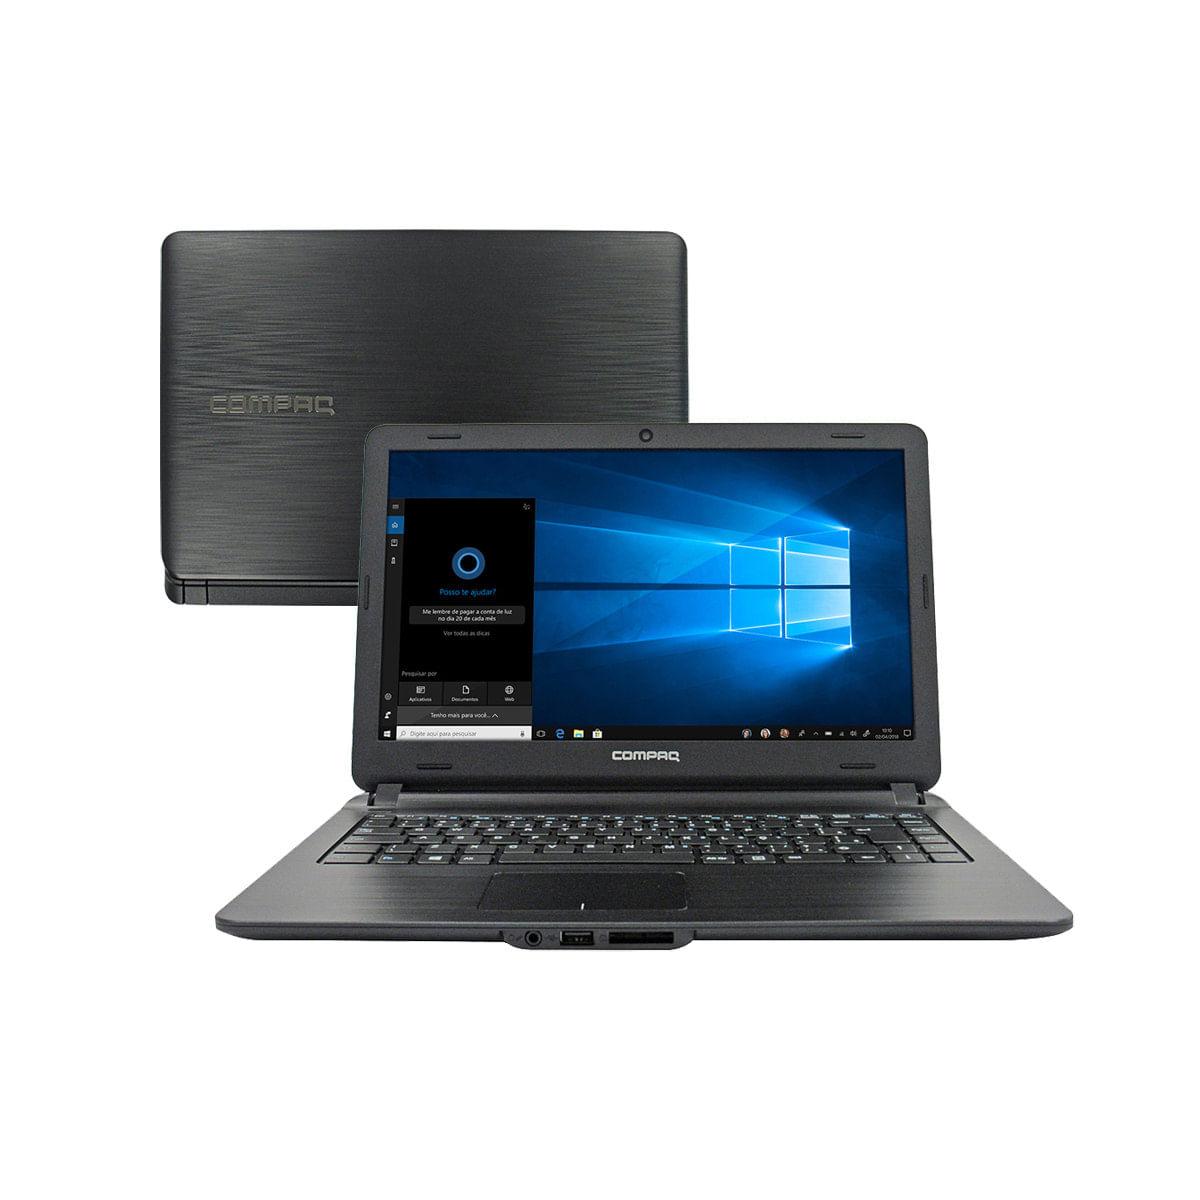 """Notebook - Compaq I3-5005u 2.00ghz 4gb 500gb Padrão Intel Hd Graphics 5500 Windows 10 Home 14"""" Polegadas"""